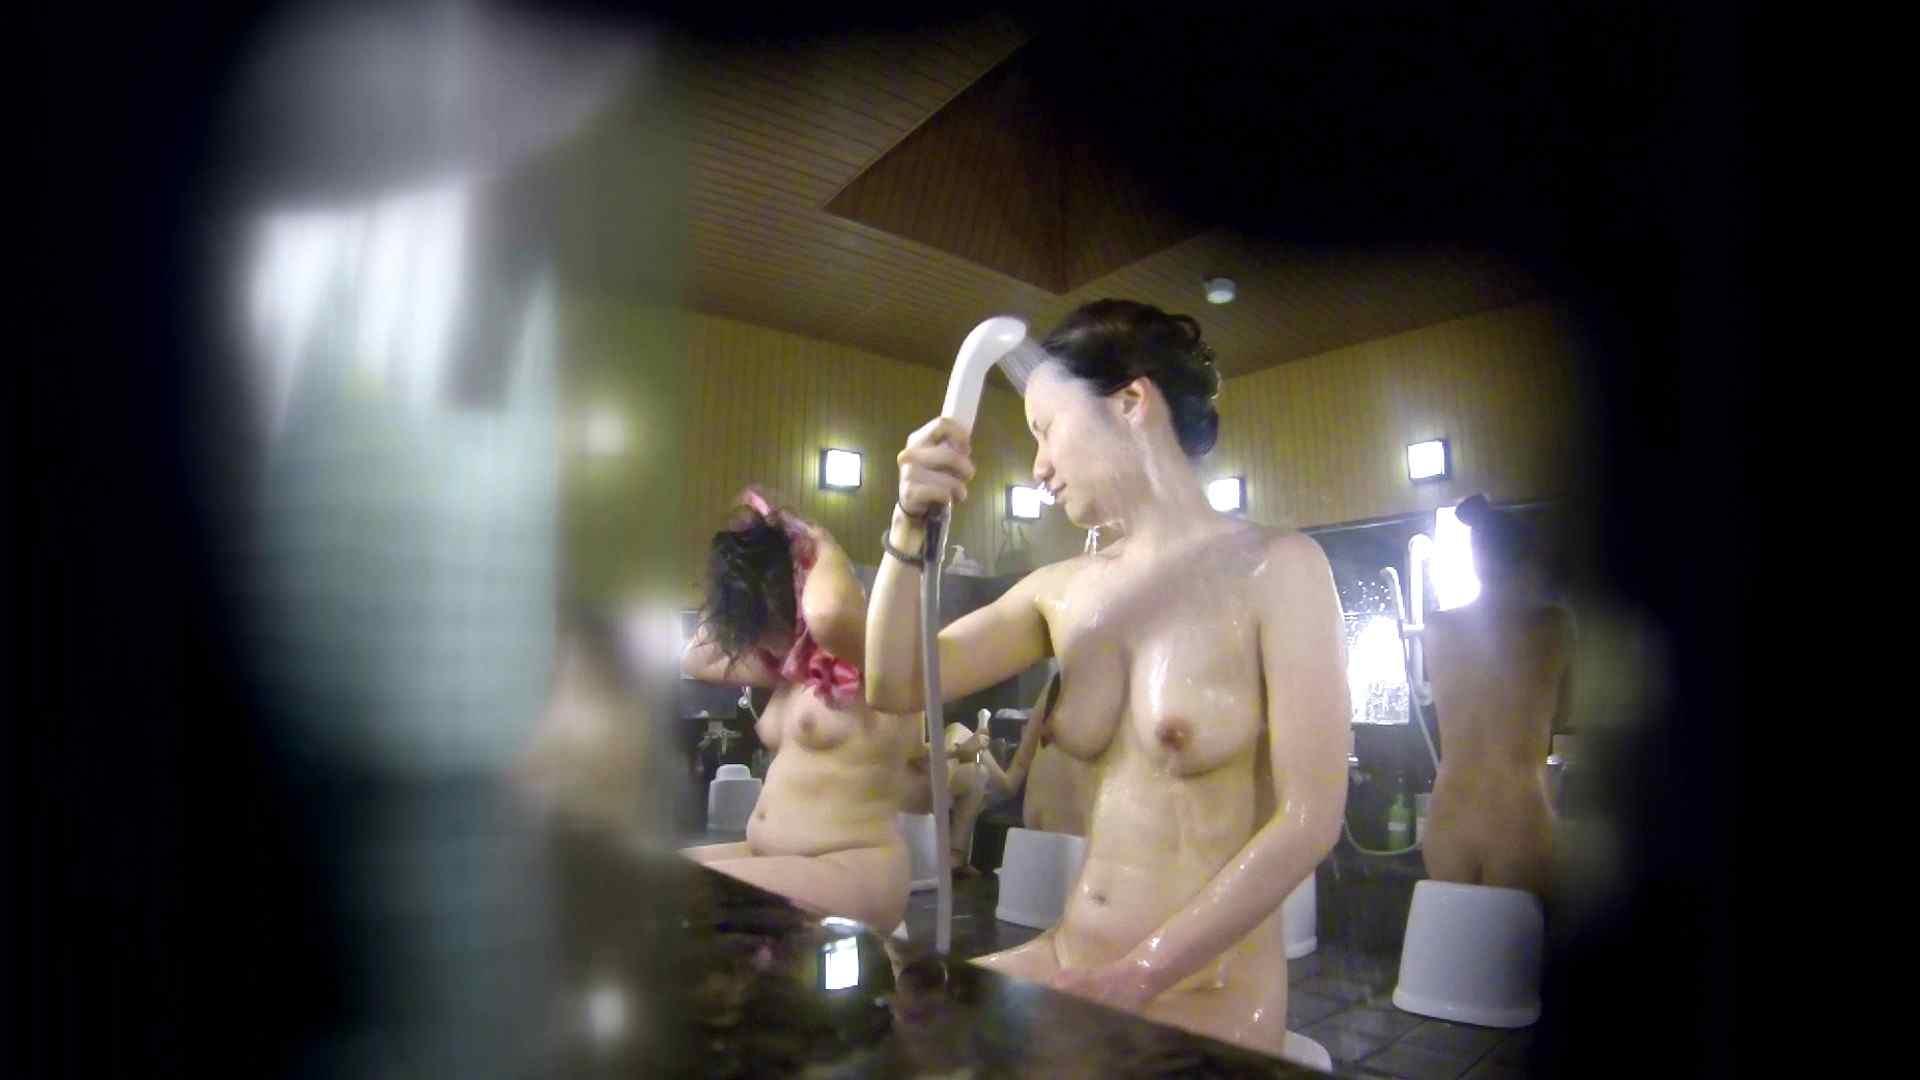 洗い場!アソコの毛辺の手入れで妄想が膨らみました。 女湯  109PIX 22